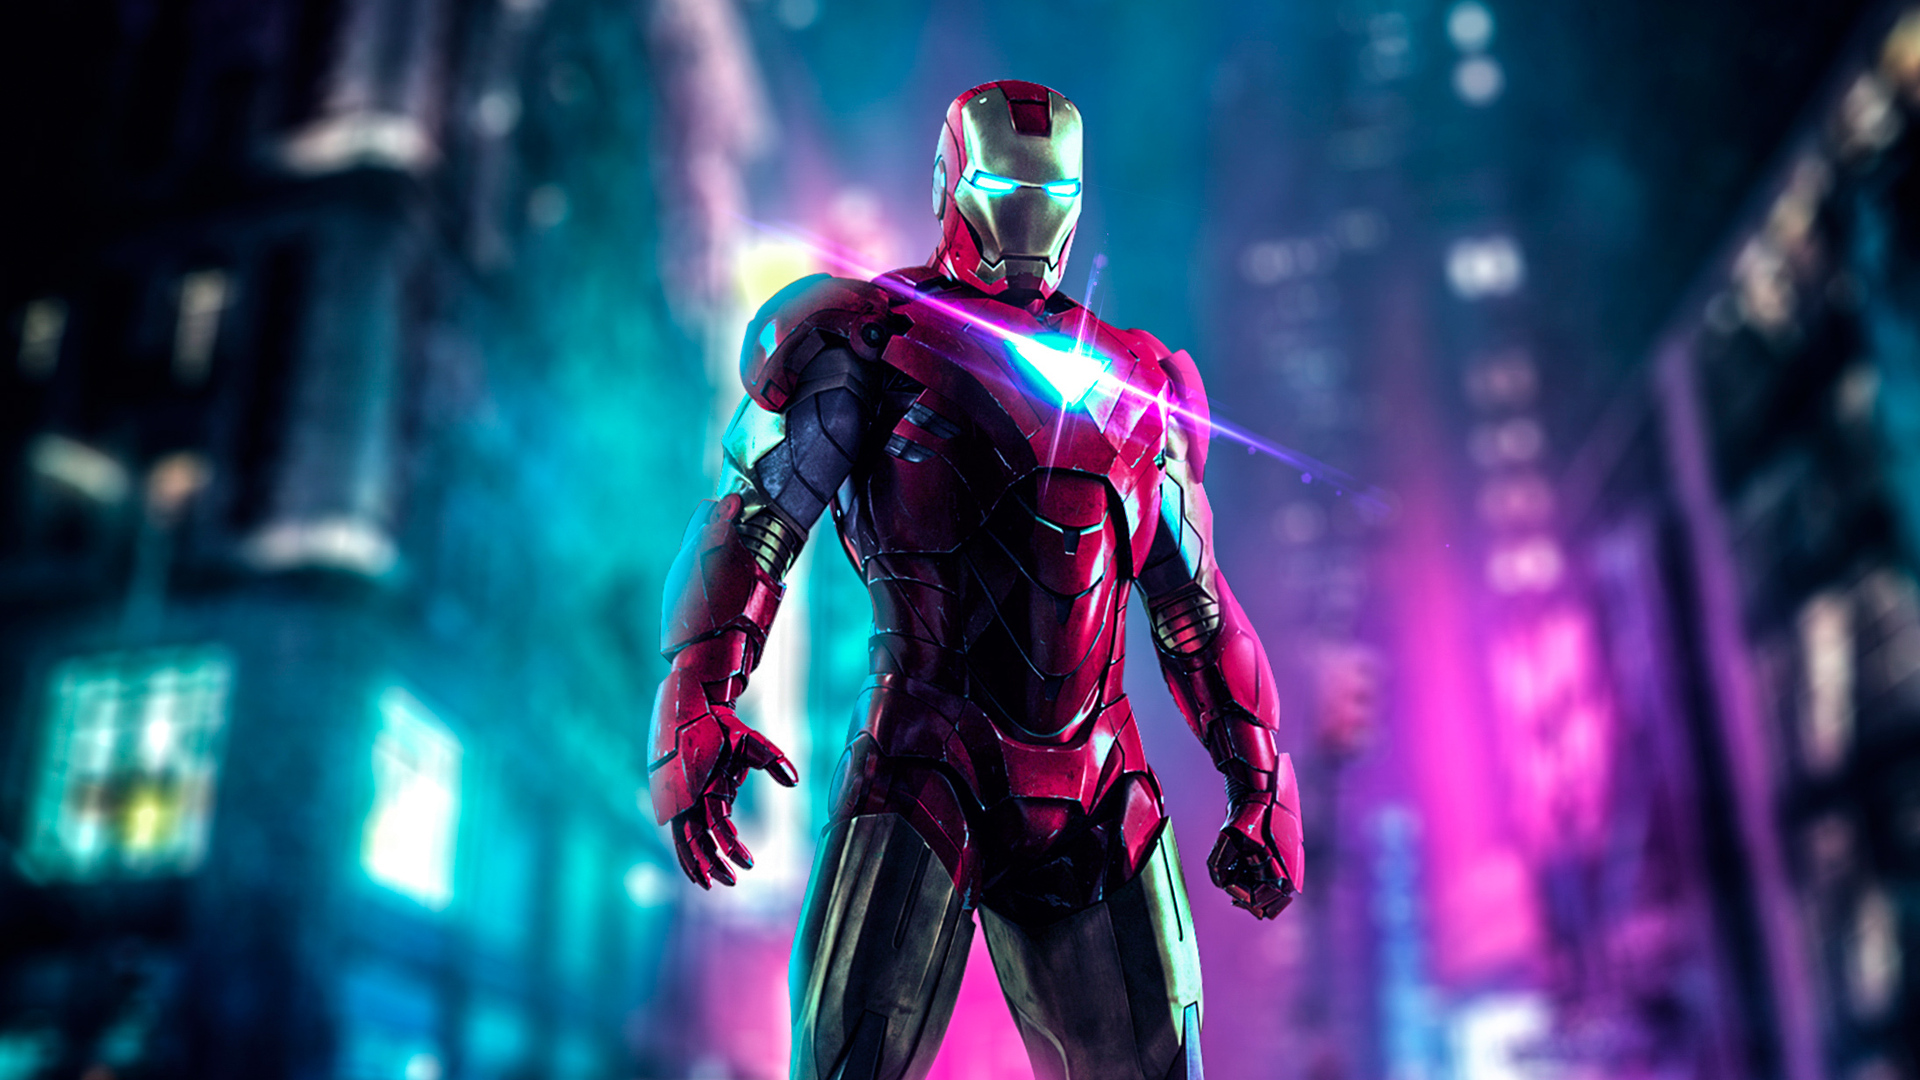 iron man neon art hg